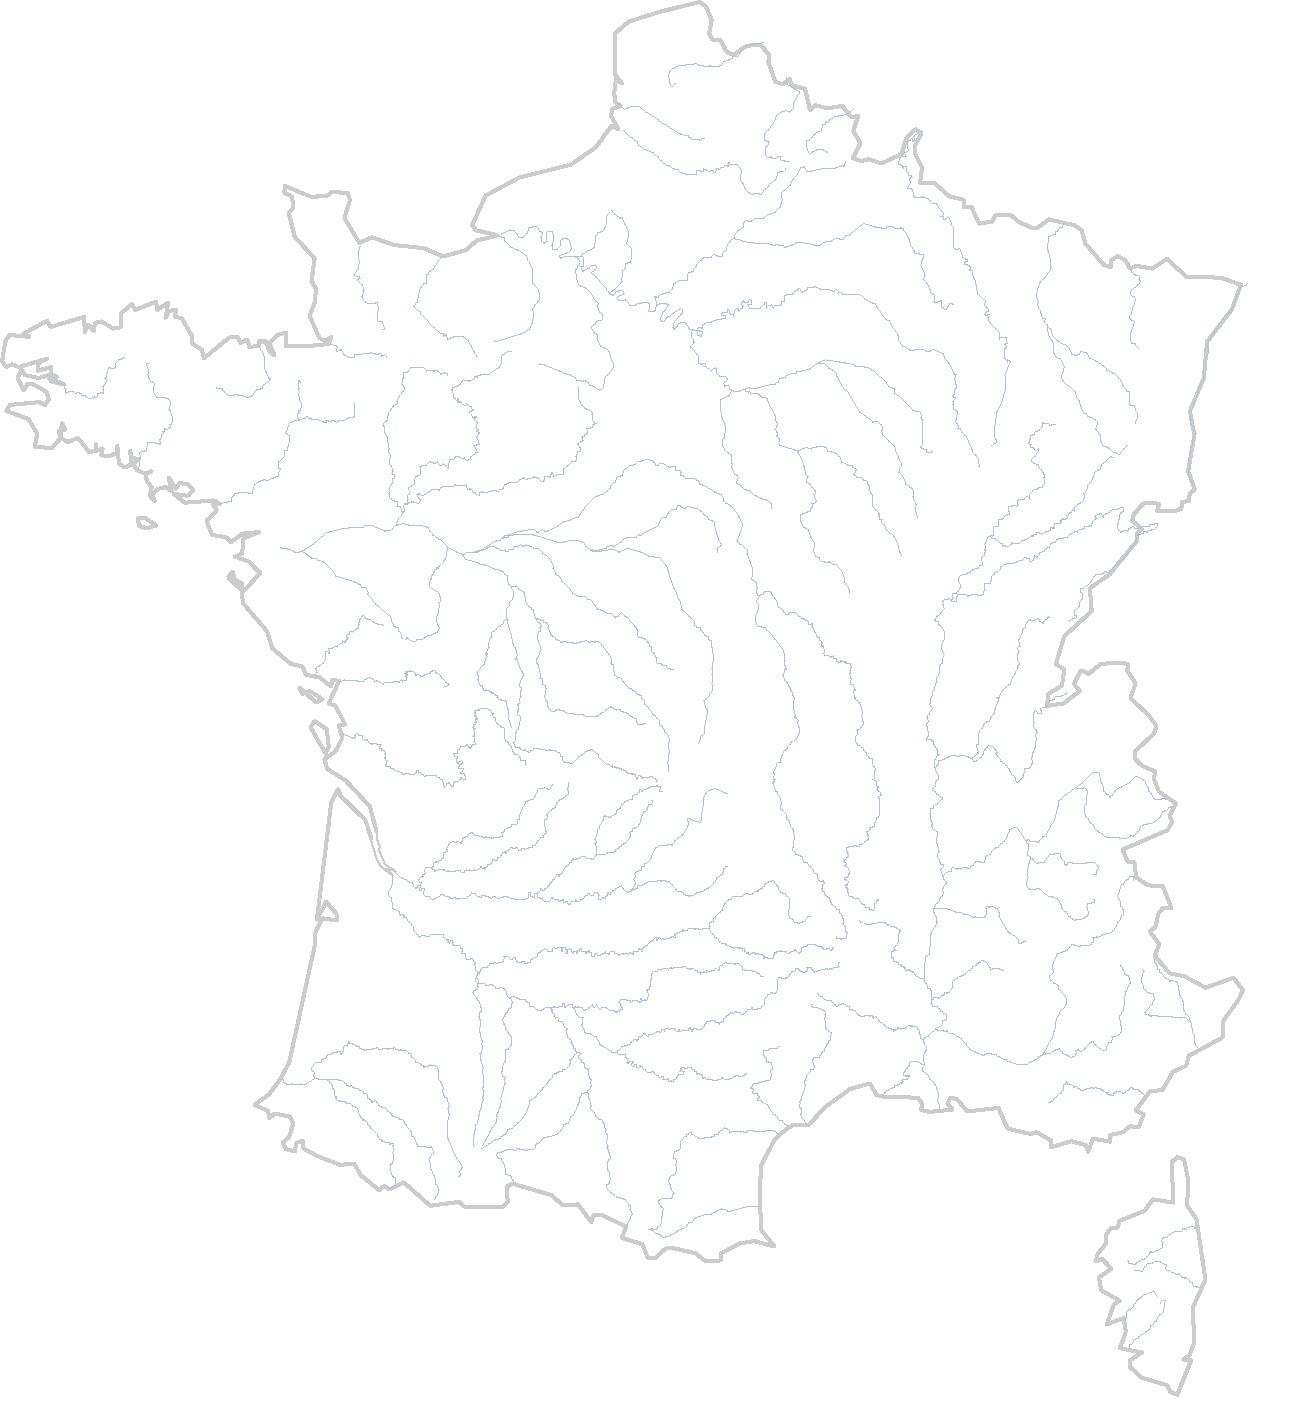 Cartes Muettes De La France À Imprimer - Chroniques destiné Imprimer Une Carte De France